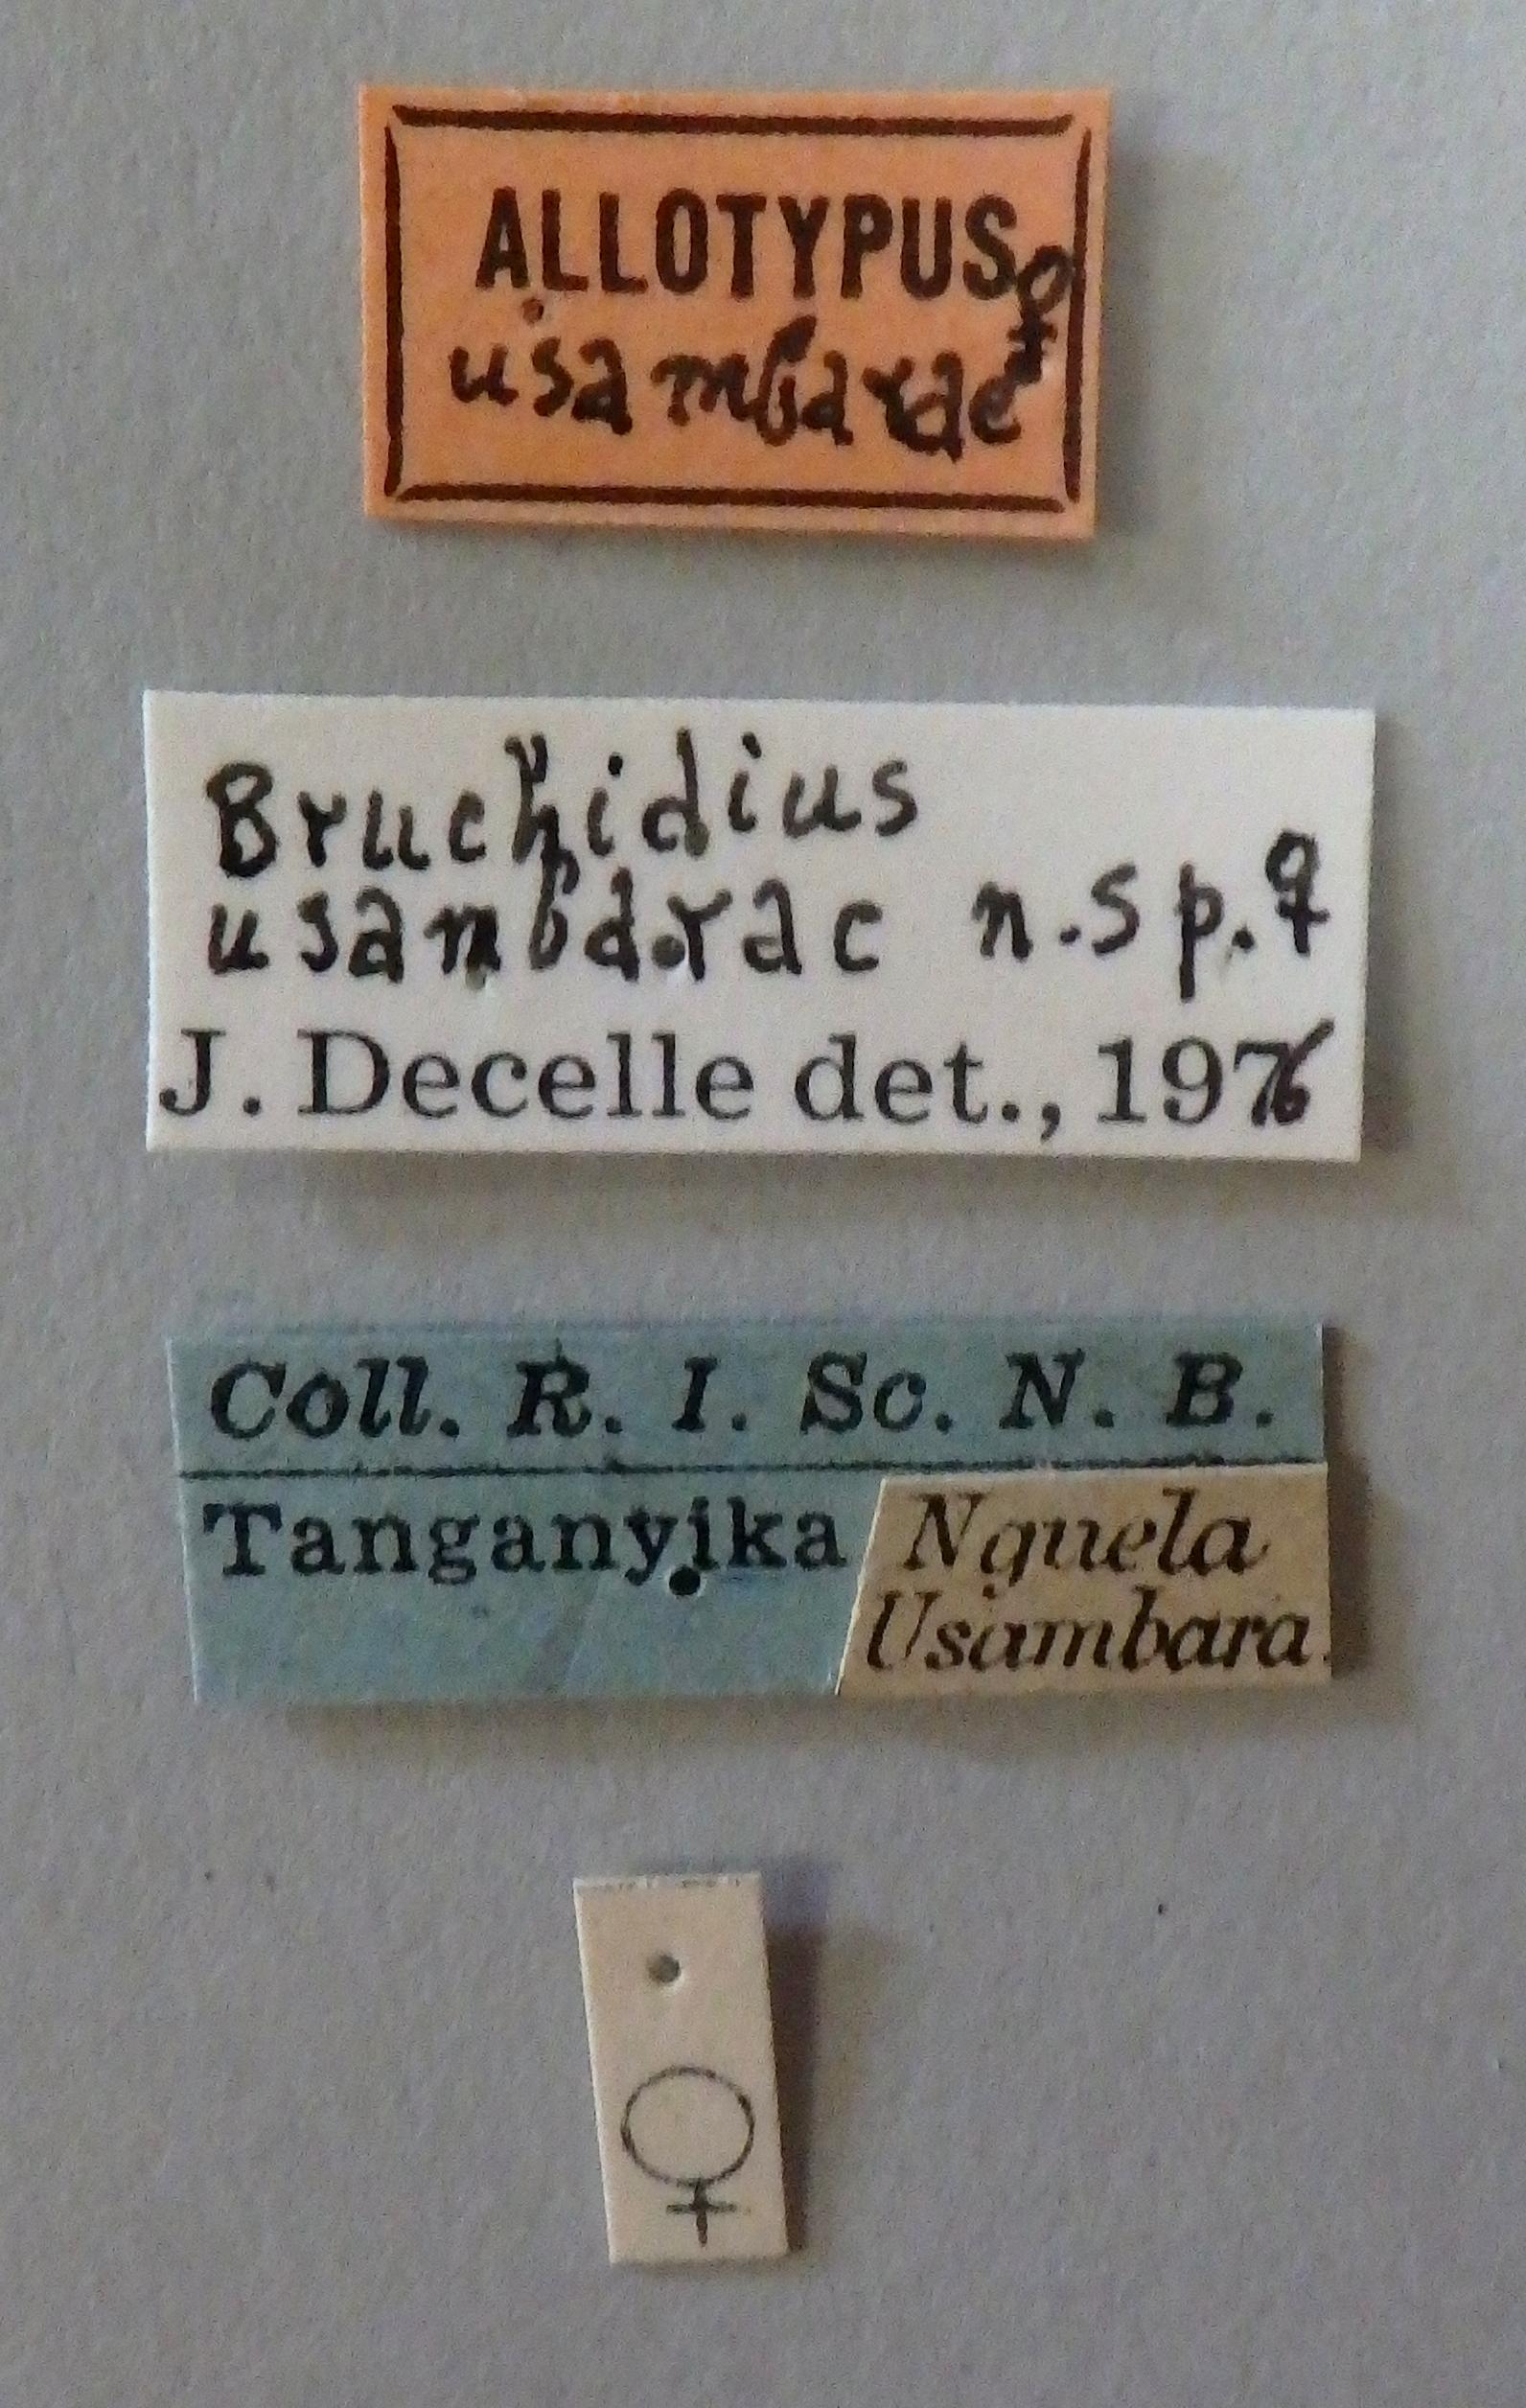 Bruchidius usambarae at Lb.JPG